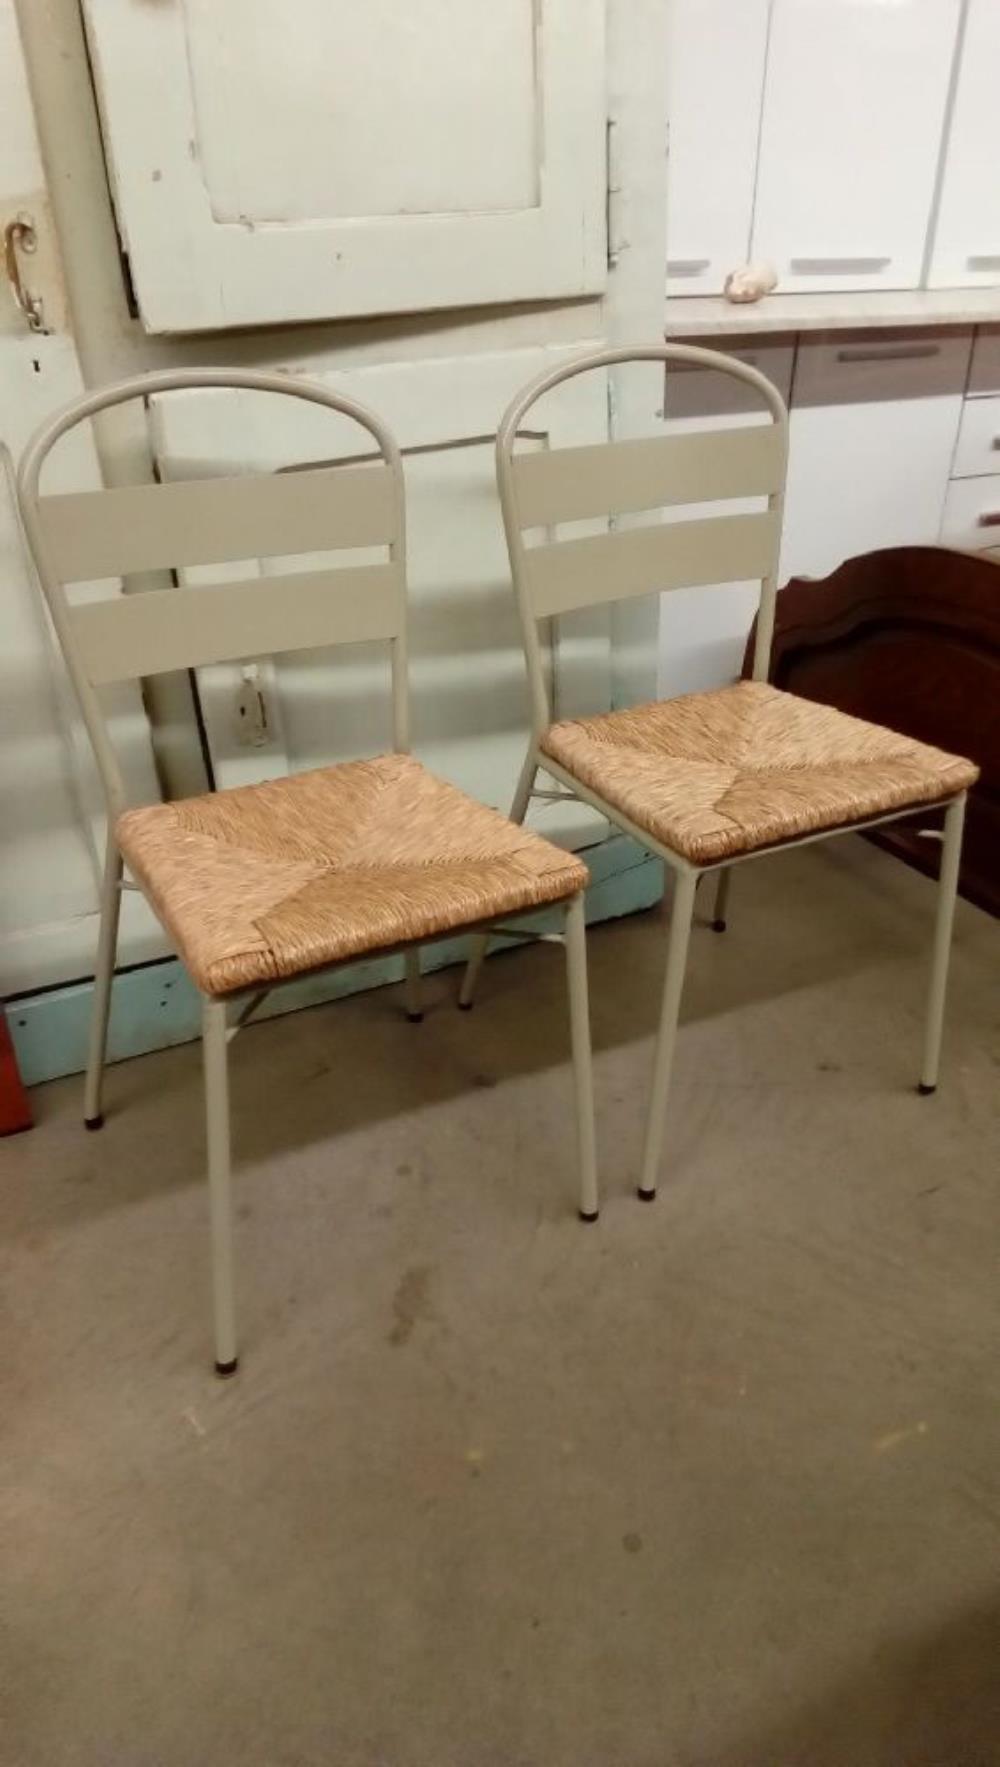 paire de chaises metal paillees occasion troc nancy. Black Bedroom Furniture Sets. Home Design Ideas